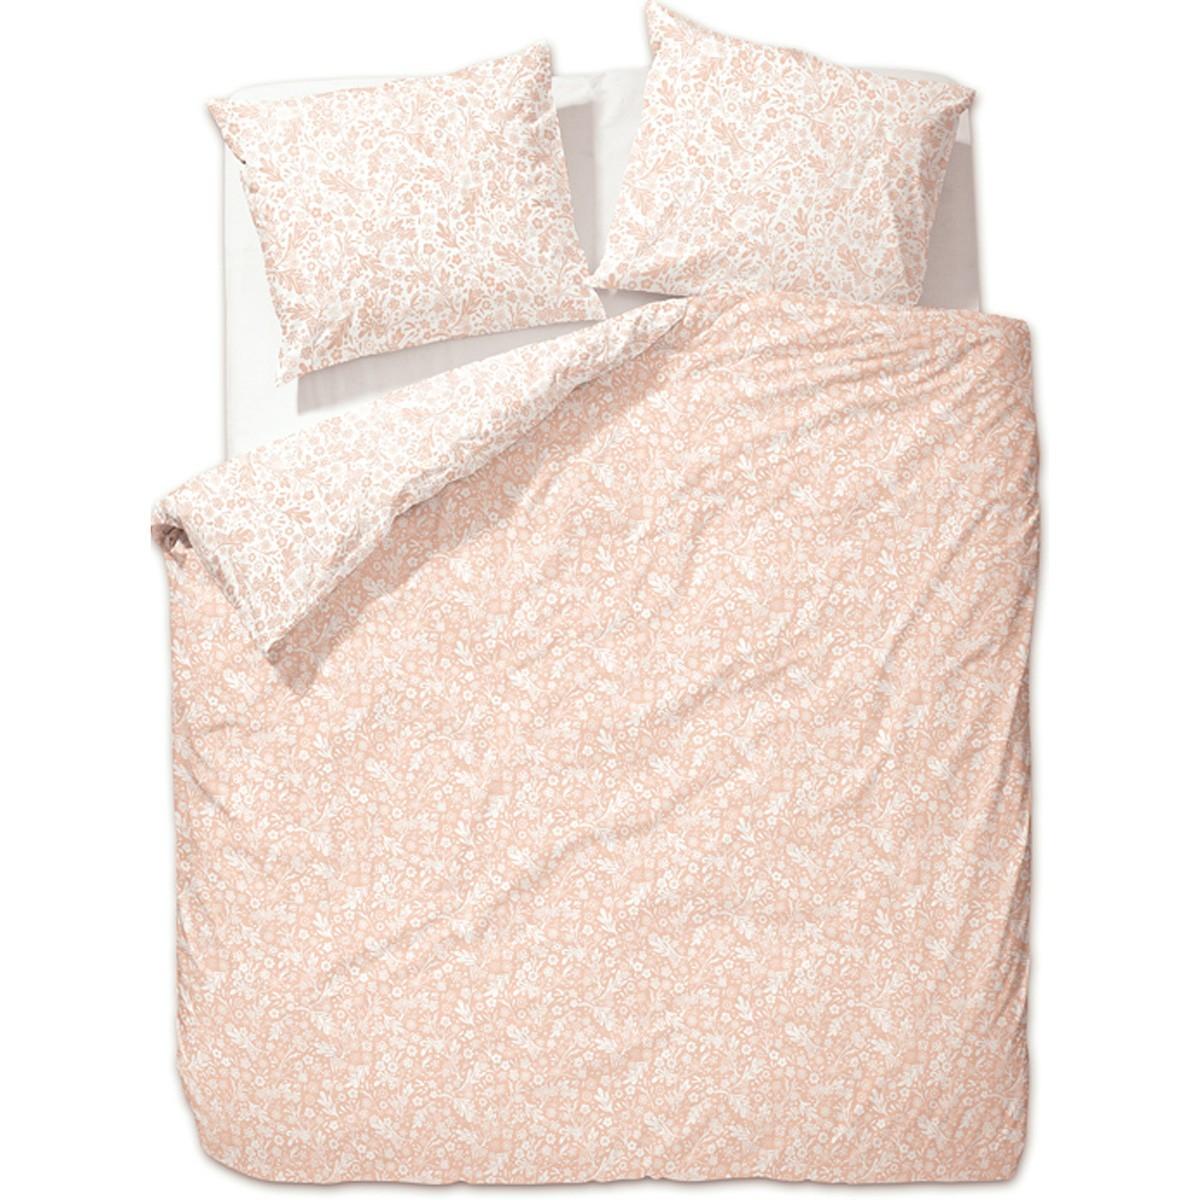 Πάπλωμα Διπλό Vesta Living Mandi 01 home   κρεβατοκάμαρα   παπλώματα   παπλώματα ημίδιπλα   διπλά